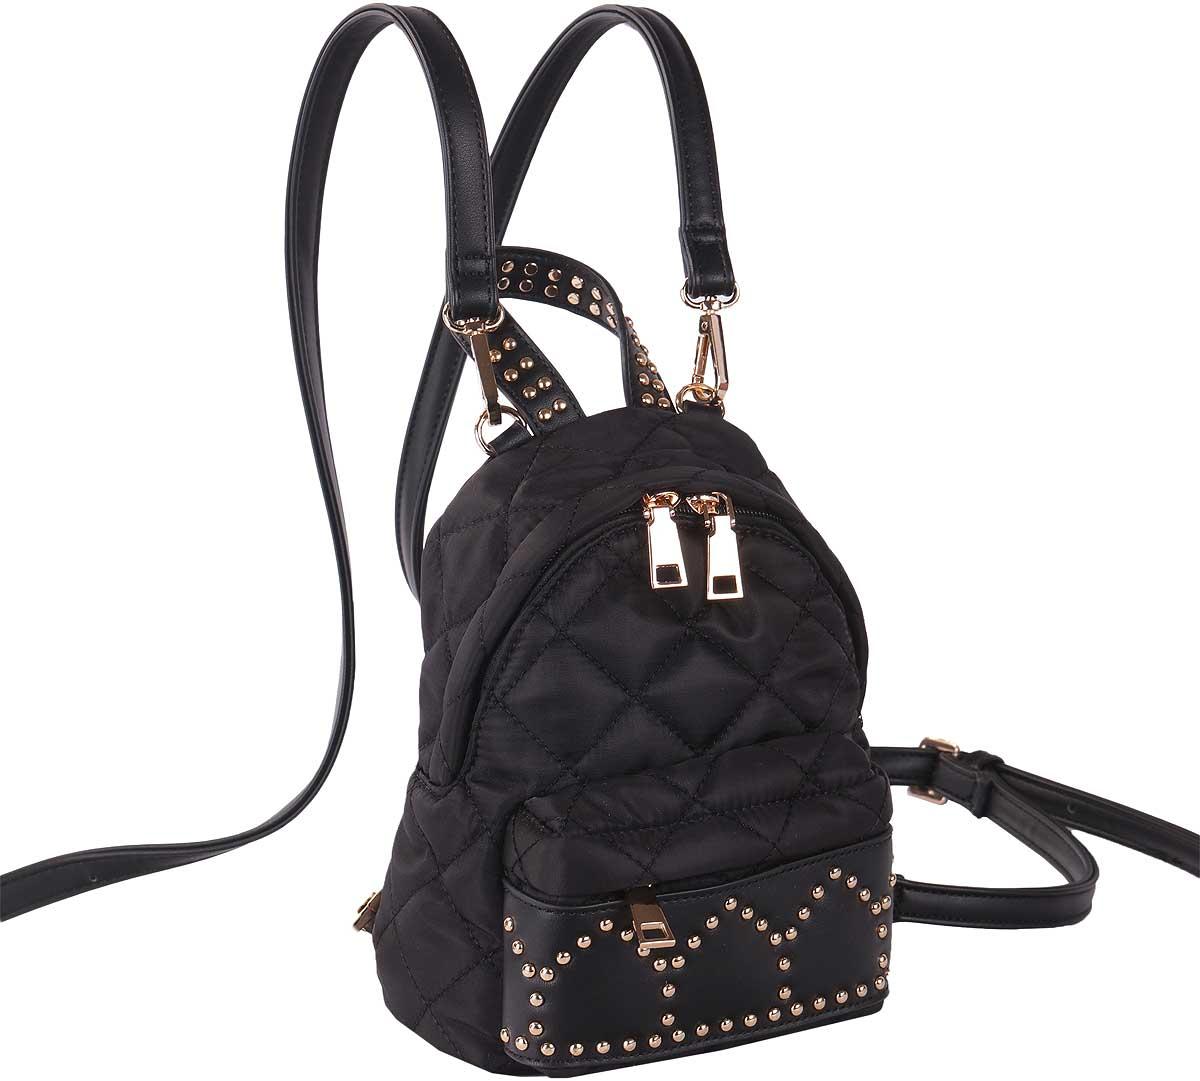 Рюкзак женский Pola, цвет: черный. 74544 рюкзак женский pola цвет черный 74544